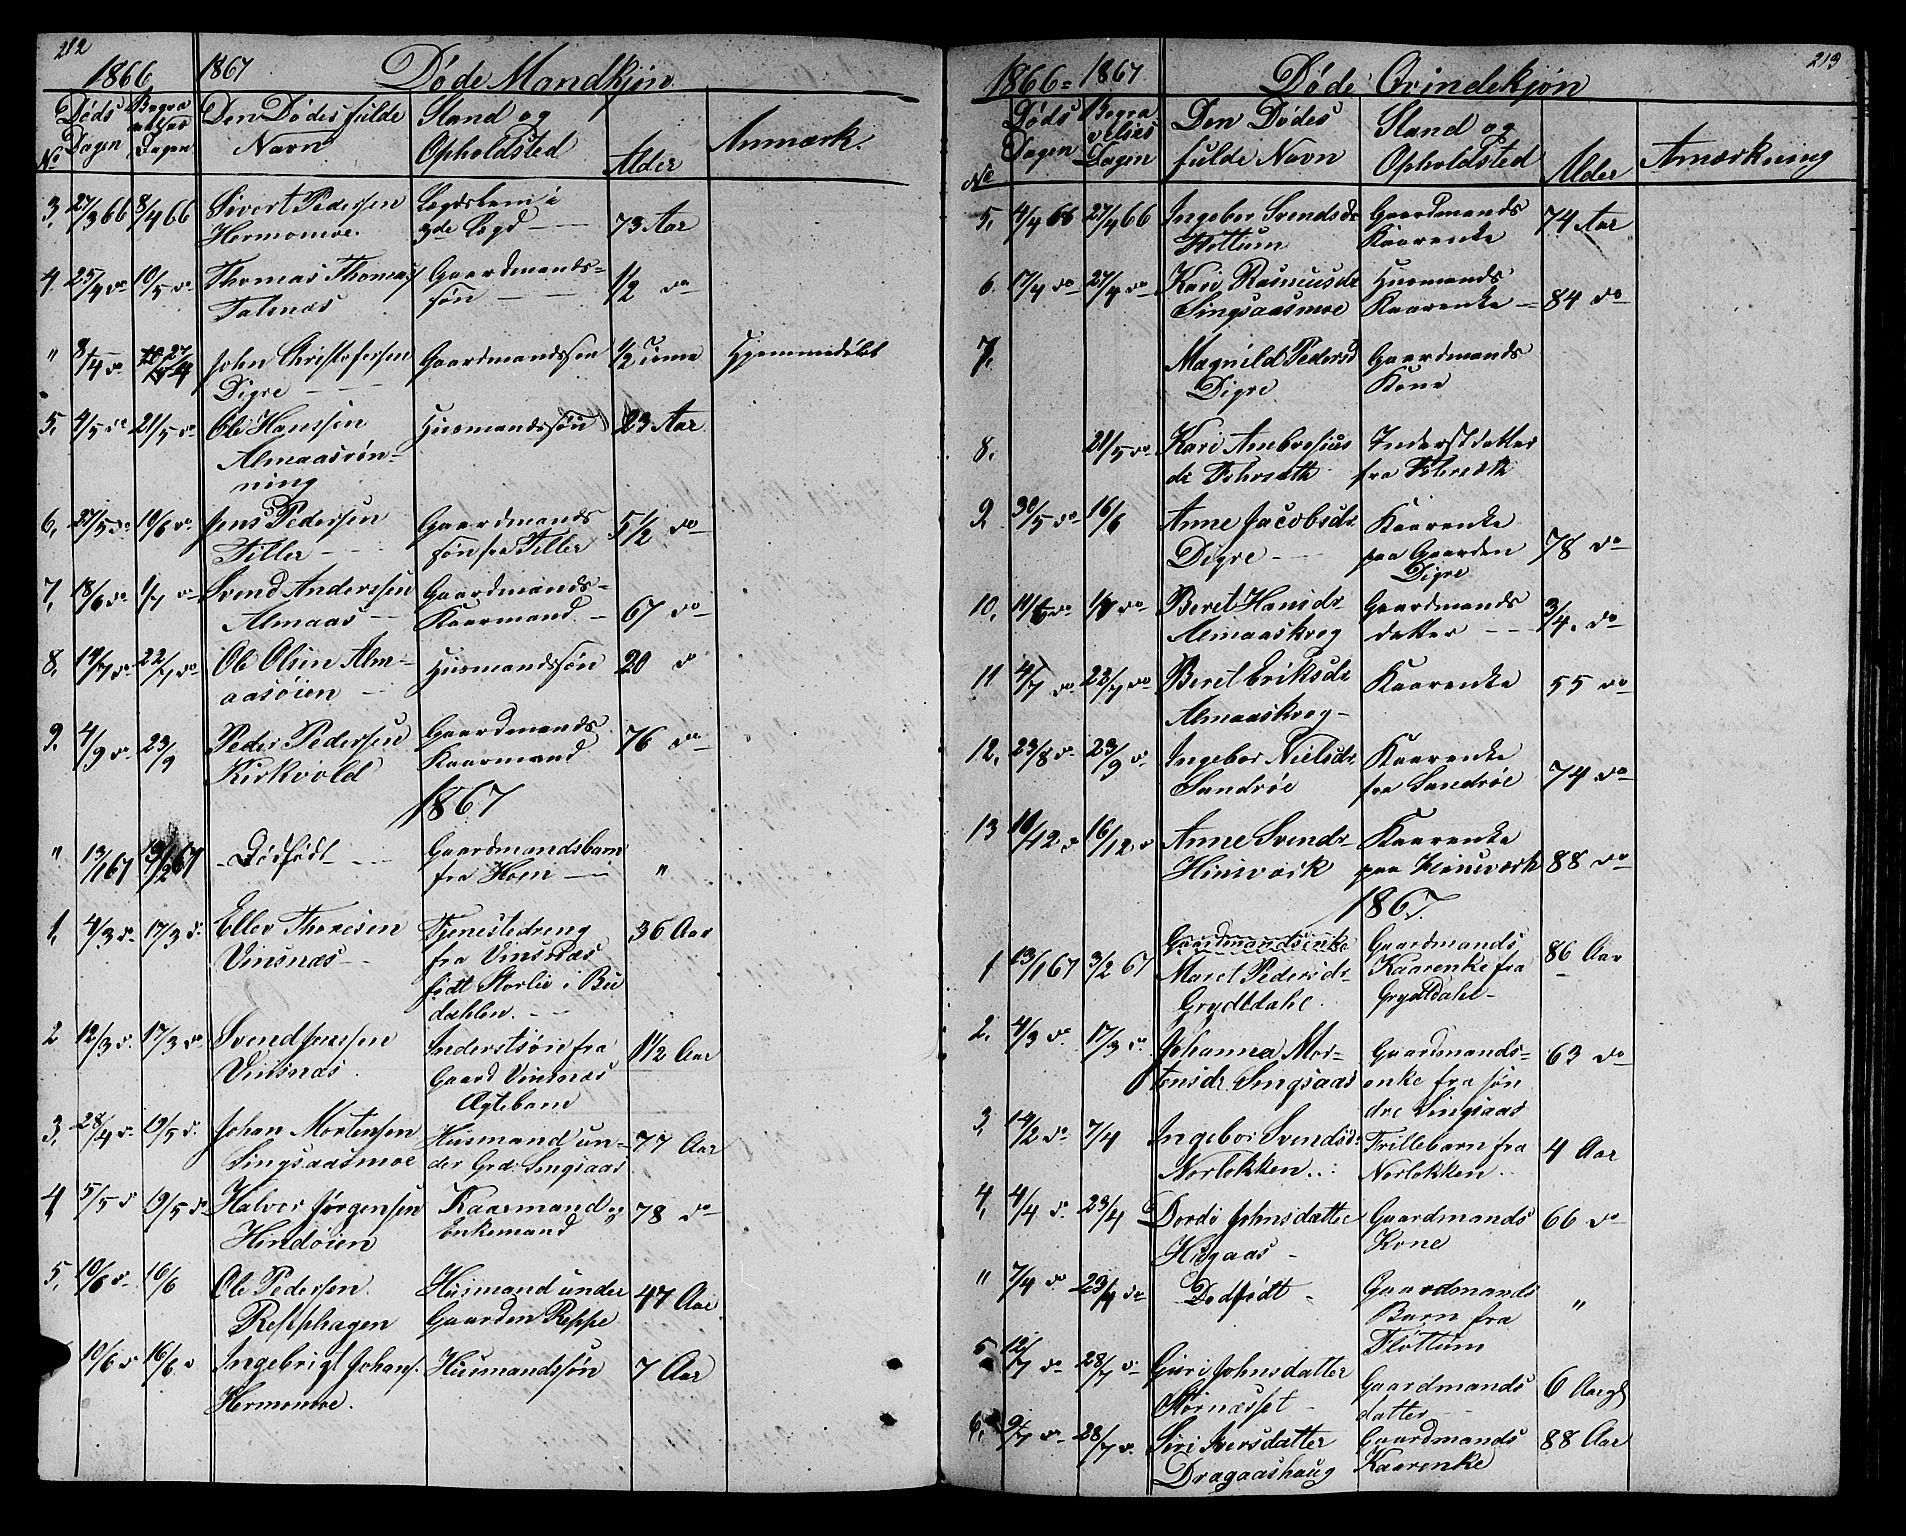 SAT, Ministerialprotokoller, klokkerbøker og fødselsregistre - Sør-Trøndelag, 688/L1027: Klokkerbok nr. 688C02, 1861-1889, s. 212-213